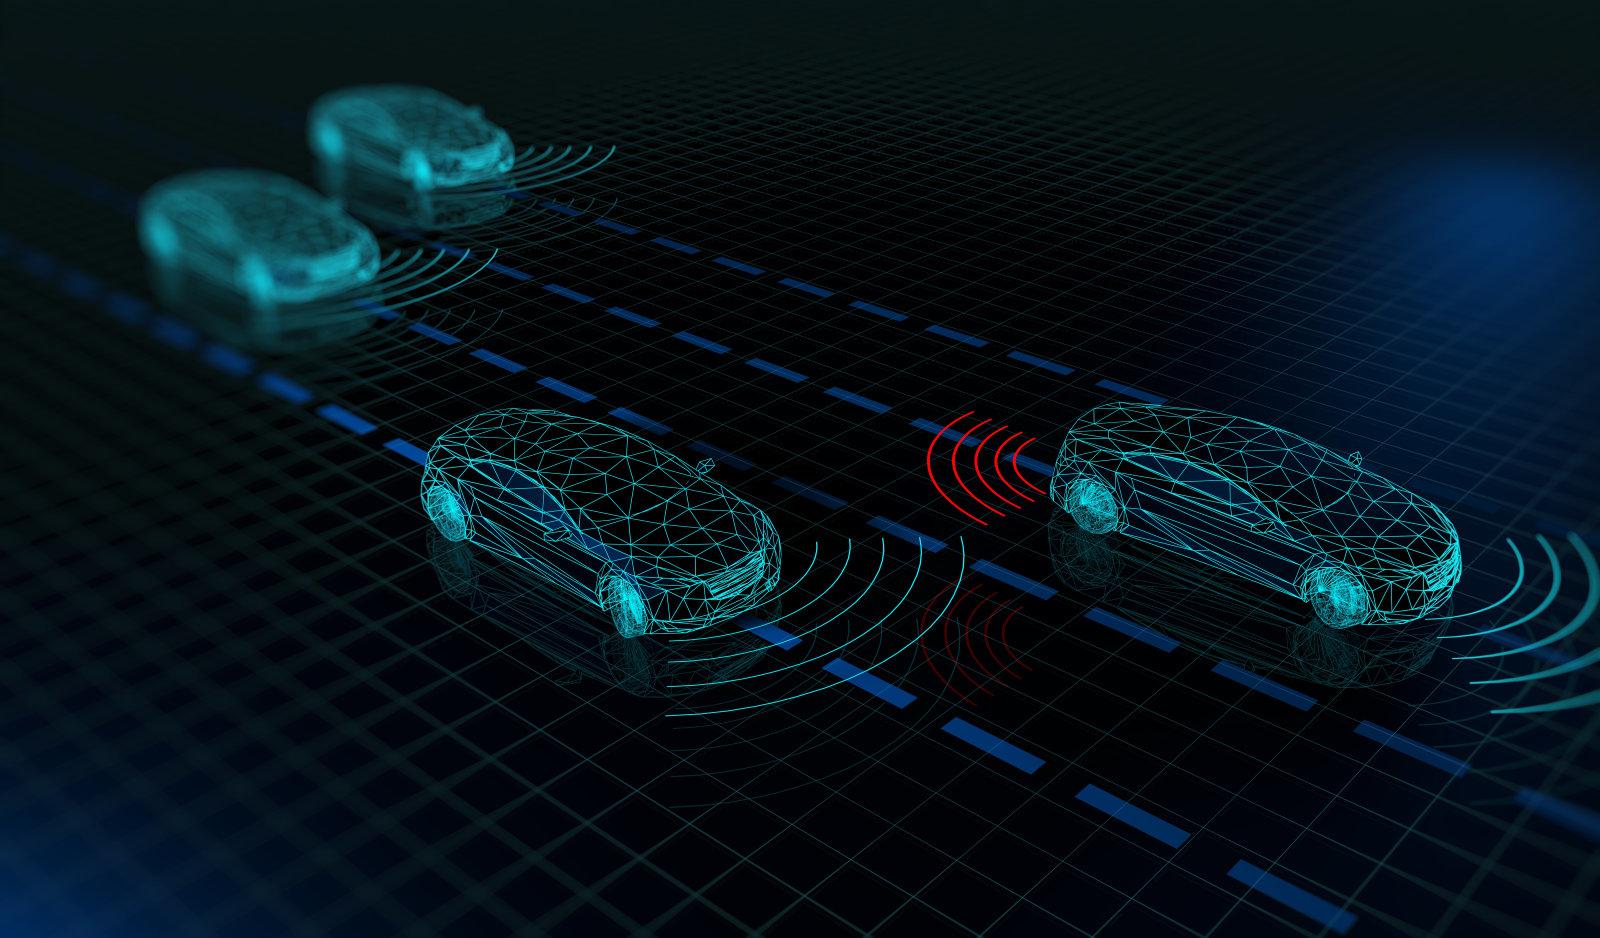 苹果AI负责人曝光自动驾驶汽车技术新进展